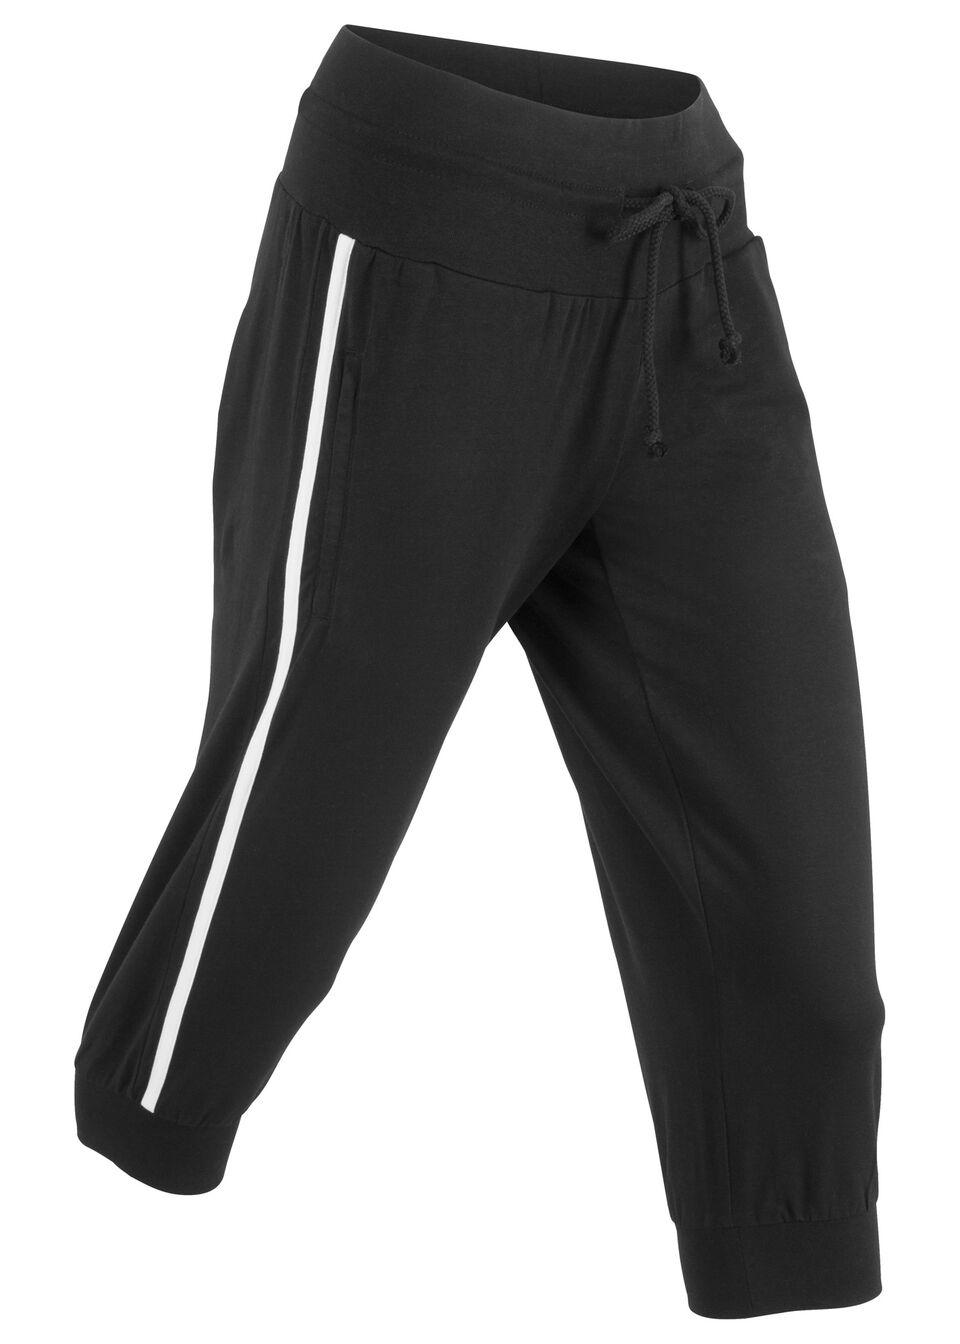 Spodnie sportowe 3/4, Level 1 bonprix czarny